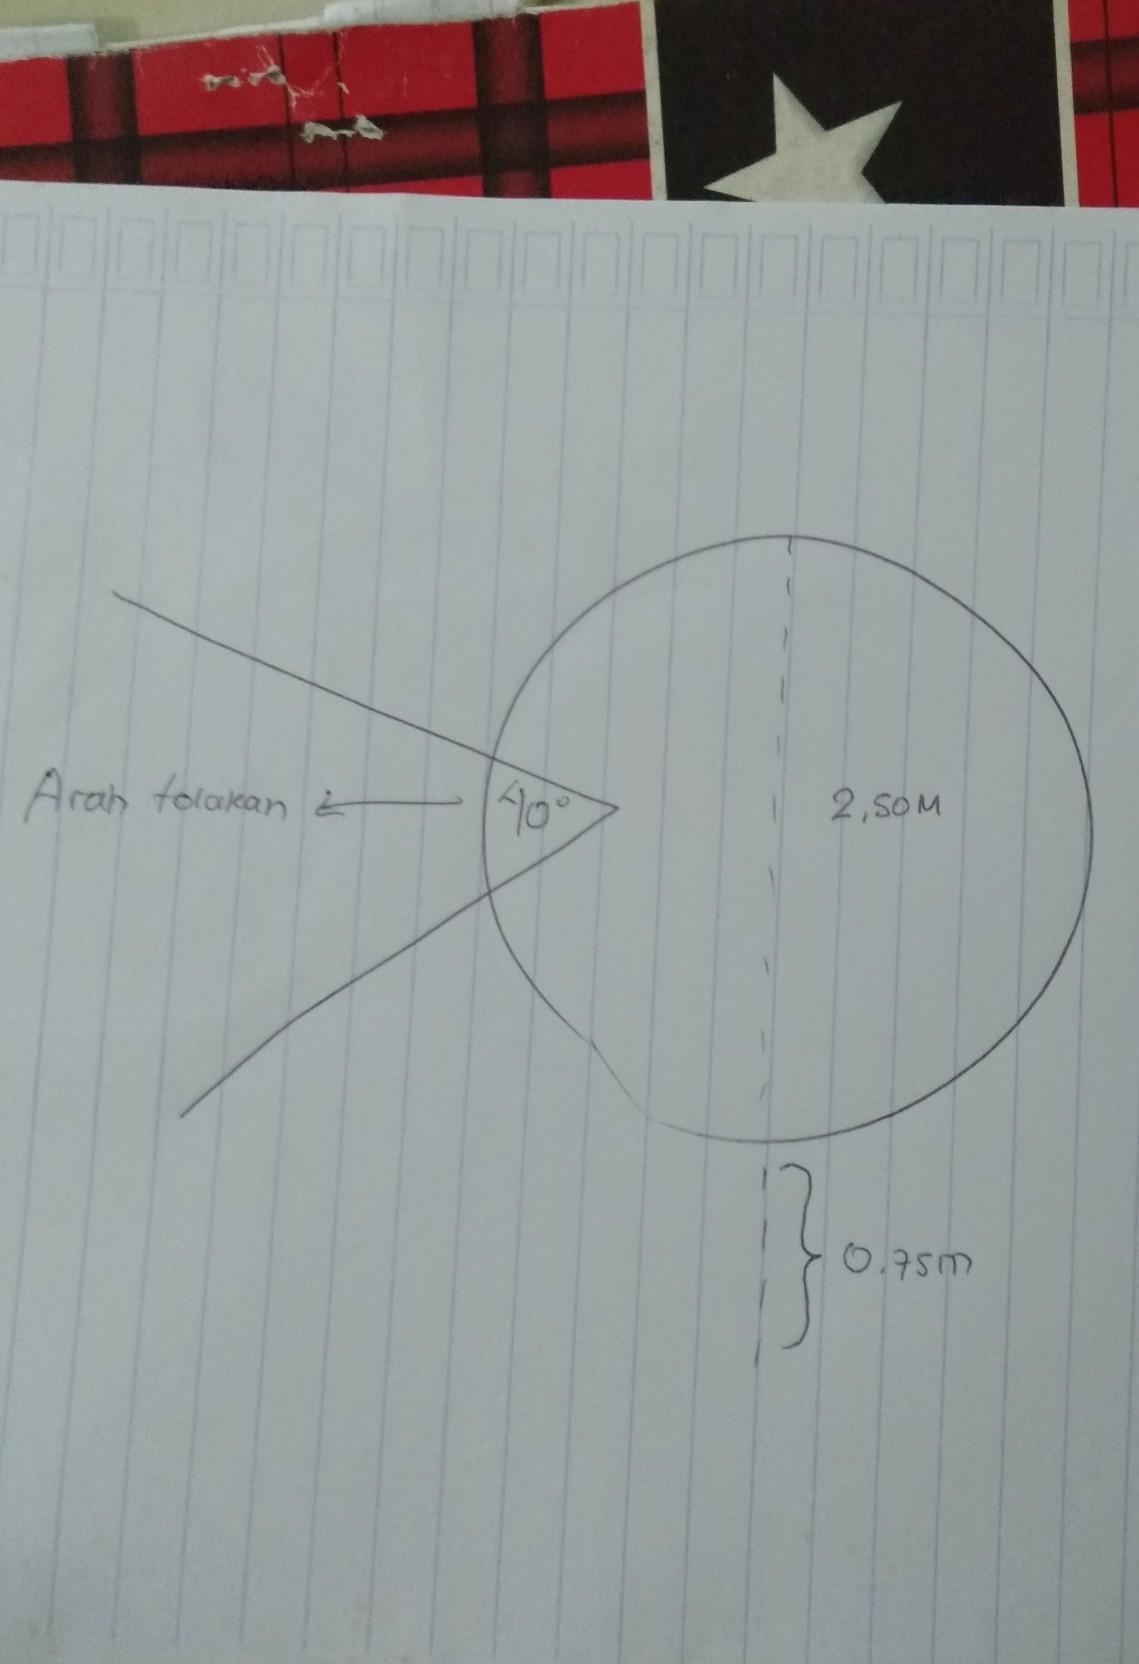 Bentuk Lapangan Lempar Cakram : bentuk, lapangan, lempar, cakram, Gambar, Lapangan, Cakram, Brainly.co.id